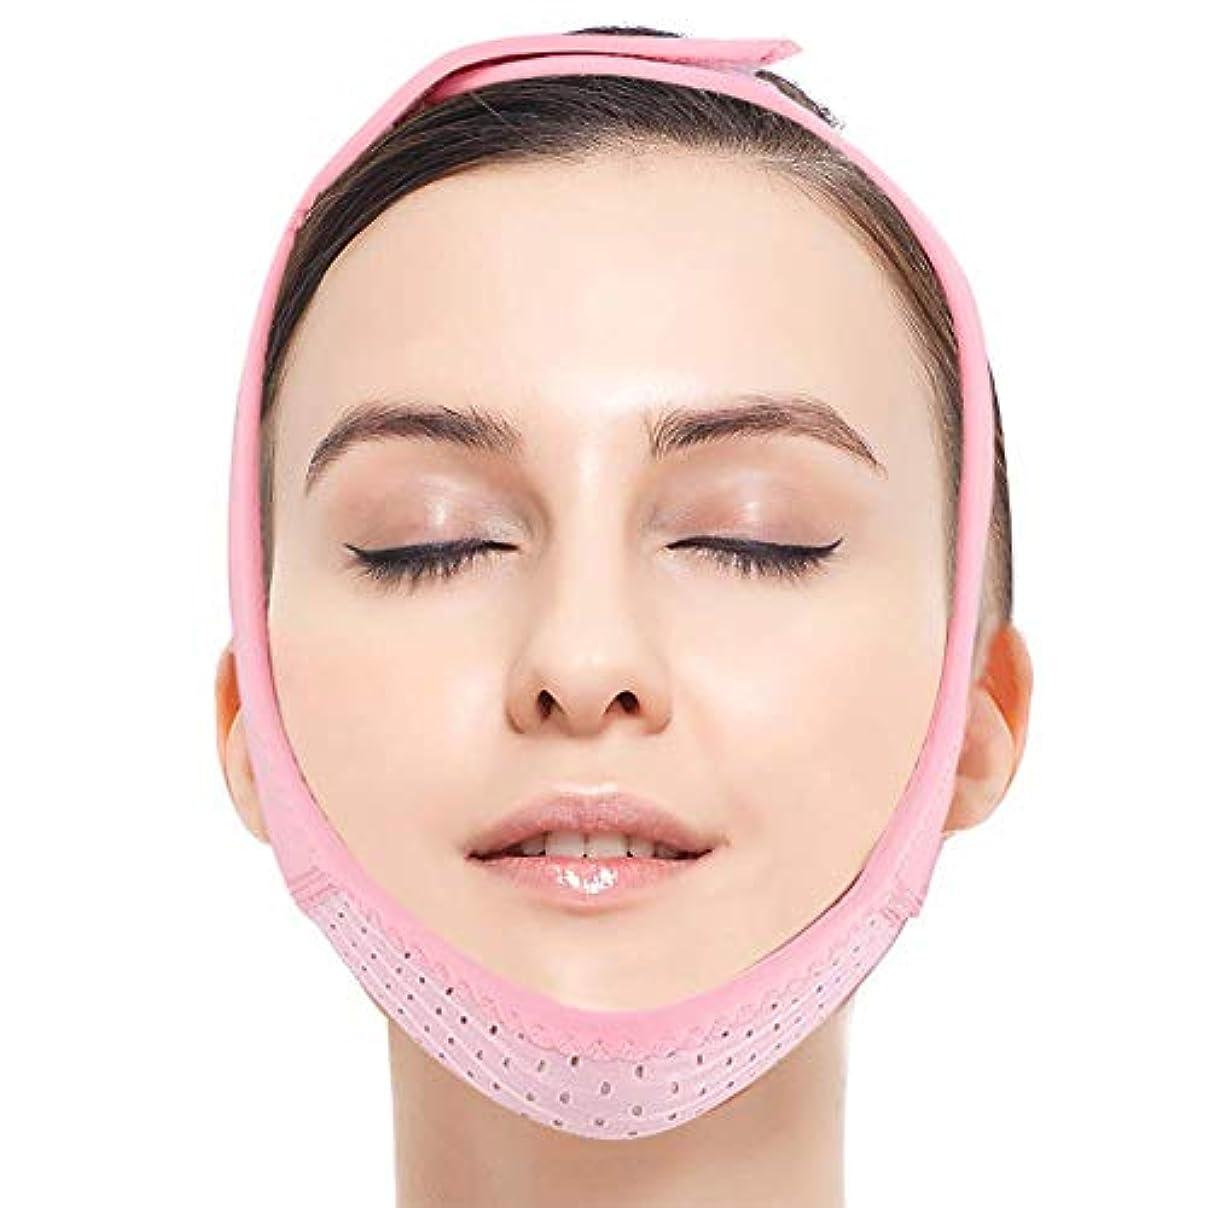 グラス習熟度参加者女性のための顔のリフティングベルト、顔のリフティングスリミング弾性ベルト、Vラインチンチークリフトアップバンド、二重あごケア減量Vフェイスアンチリンクル